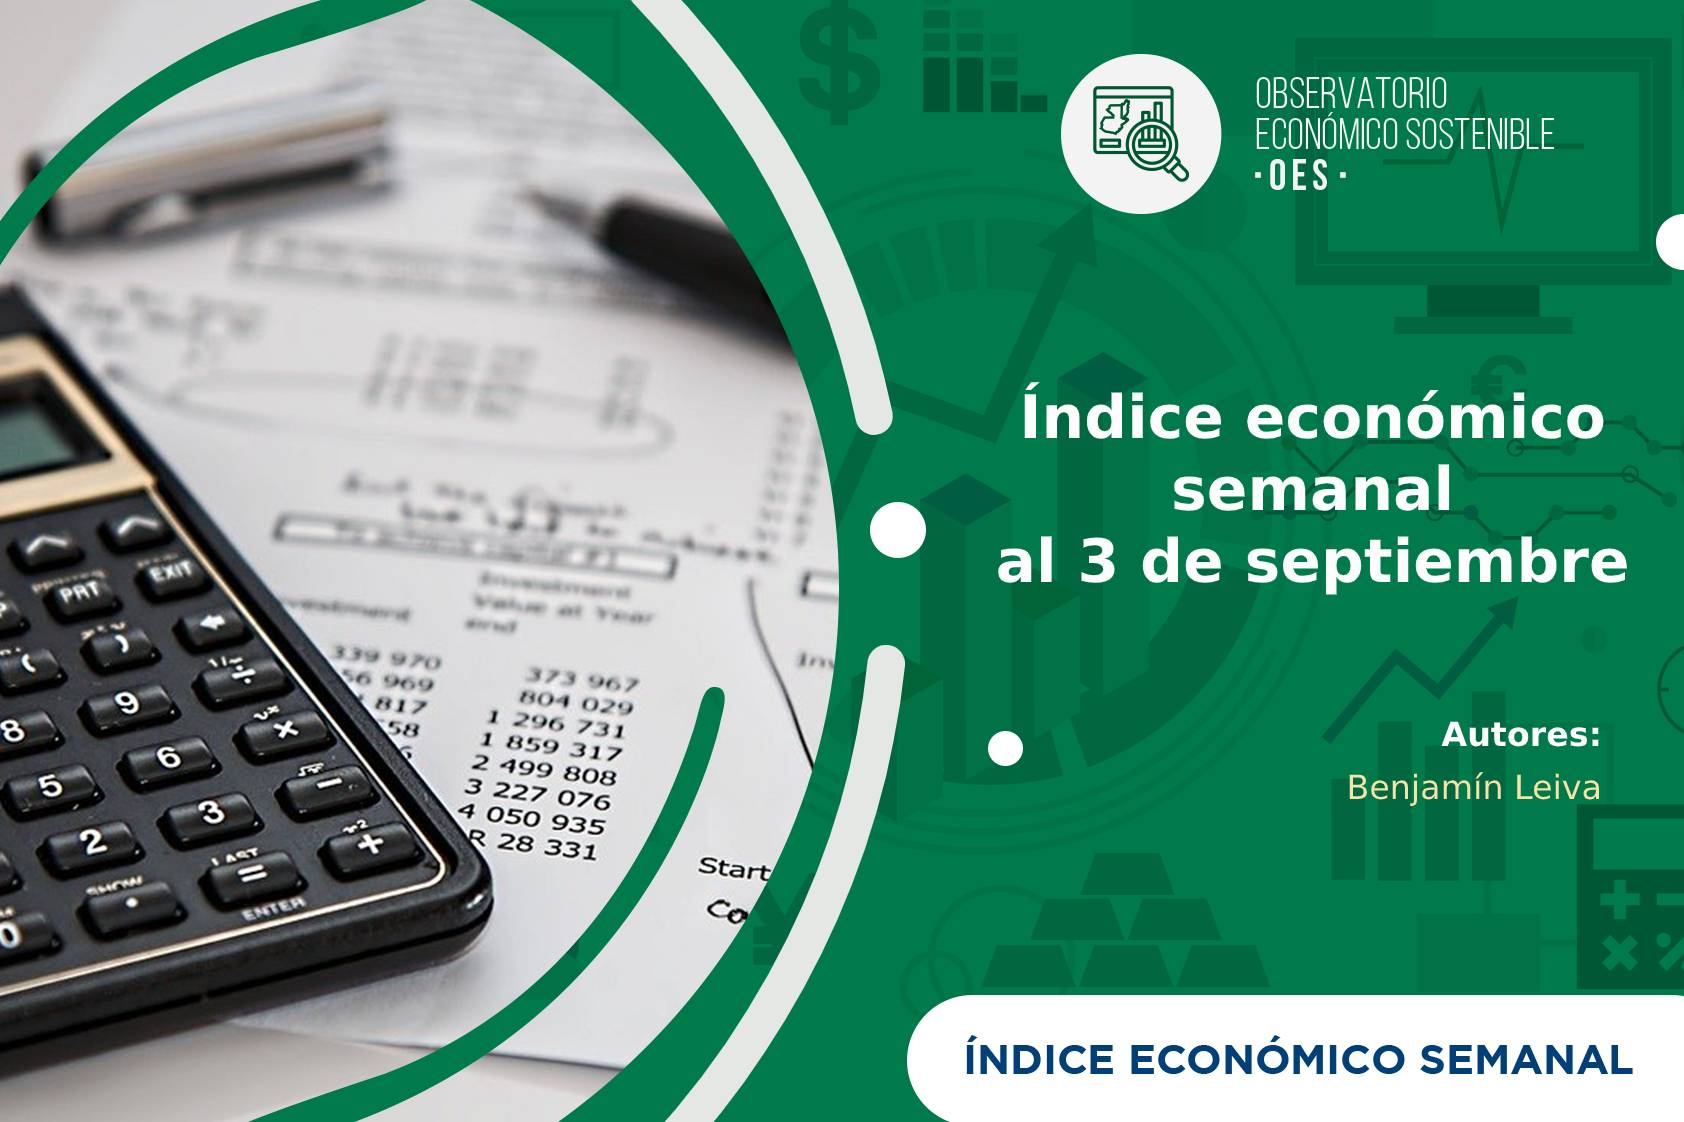 Índice económico semanal al 3 de septiembre